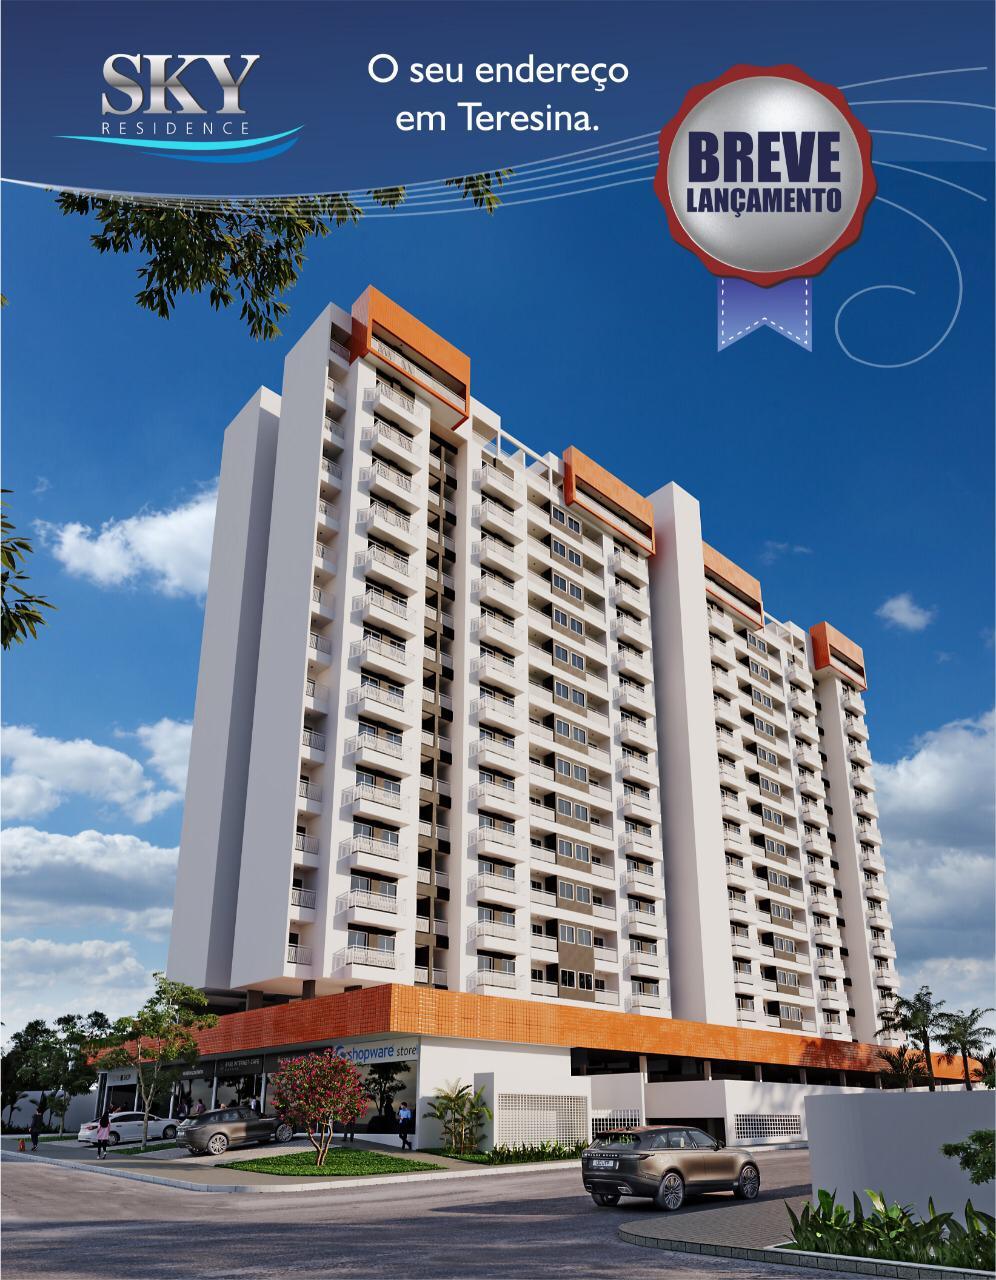 Condomínio SKY Residence no bairro Ilhotas – Teresina-PI